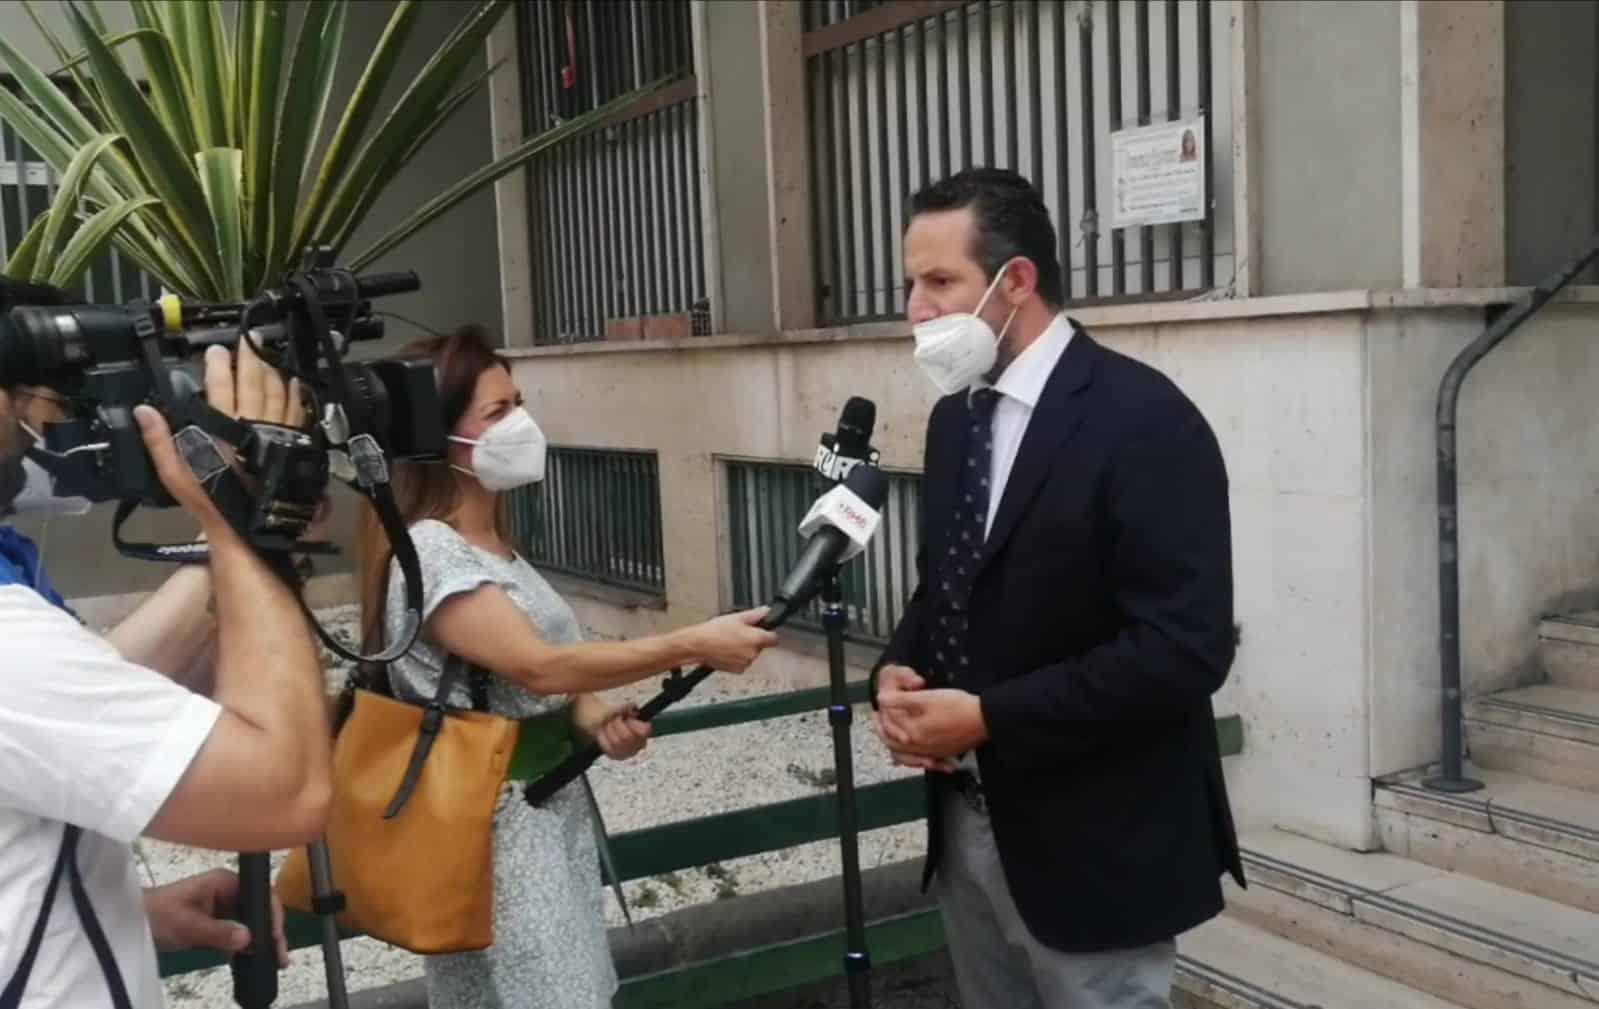 Ospedale di Acireale, partita la riconversione alle attività sanitarie ordinarie: Punto nascita primo a ripartire